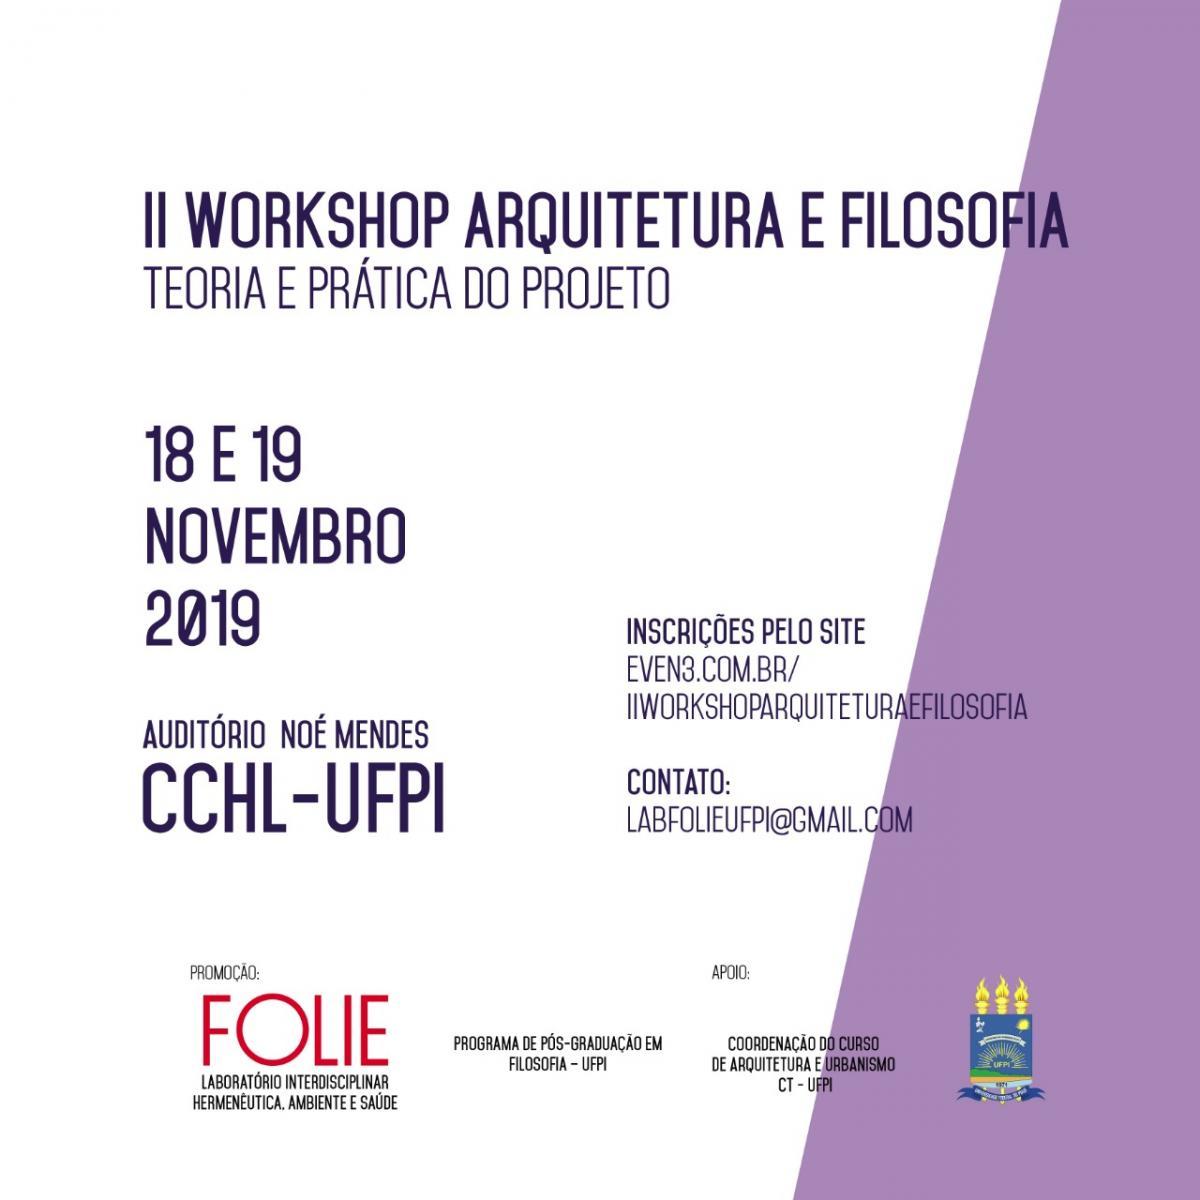 Inscrições abertas para o II Workshop Arquitetura e Filosofia: Teoria e Prática do Projeto em Teresina